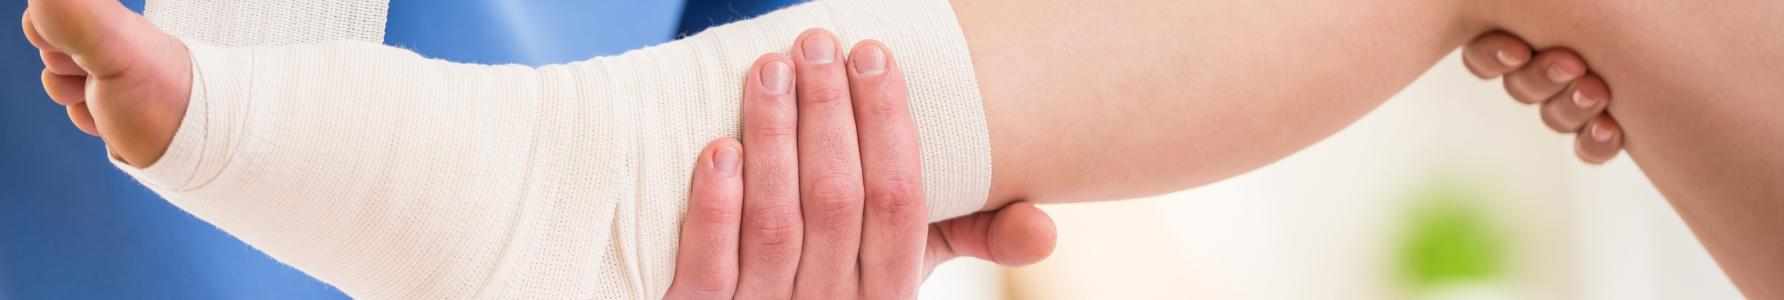 Stawy Charcota - lekarz bandażujący stopę pacjenta.